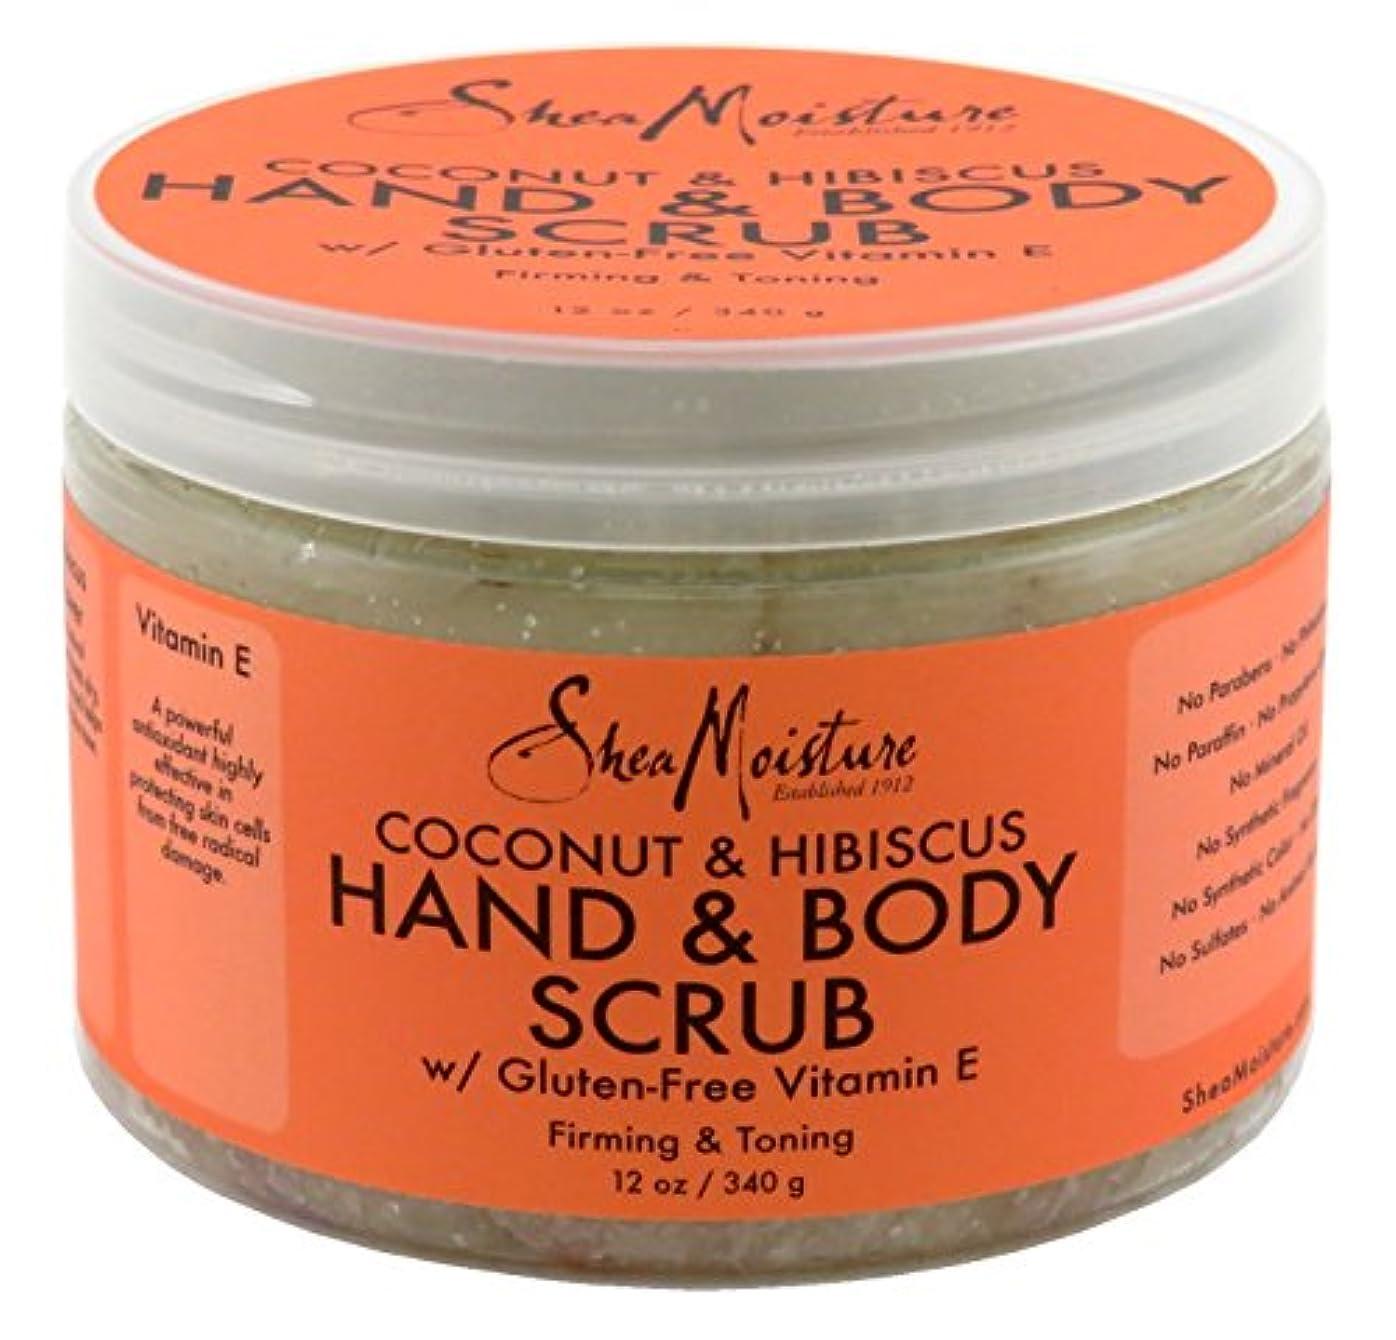 ベンチリファインピアースShea Moisture Body Scrub Coconut and Hibiscus by Shea Moisture